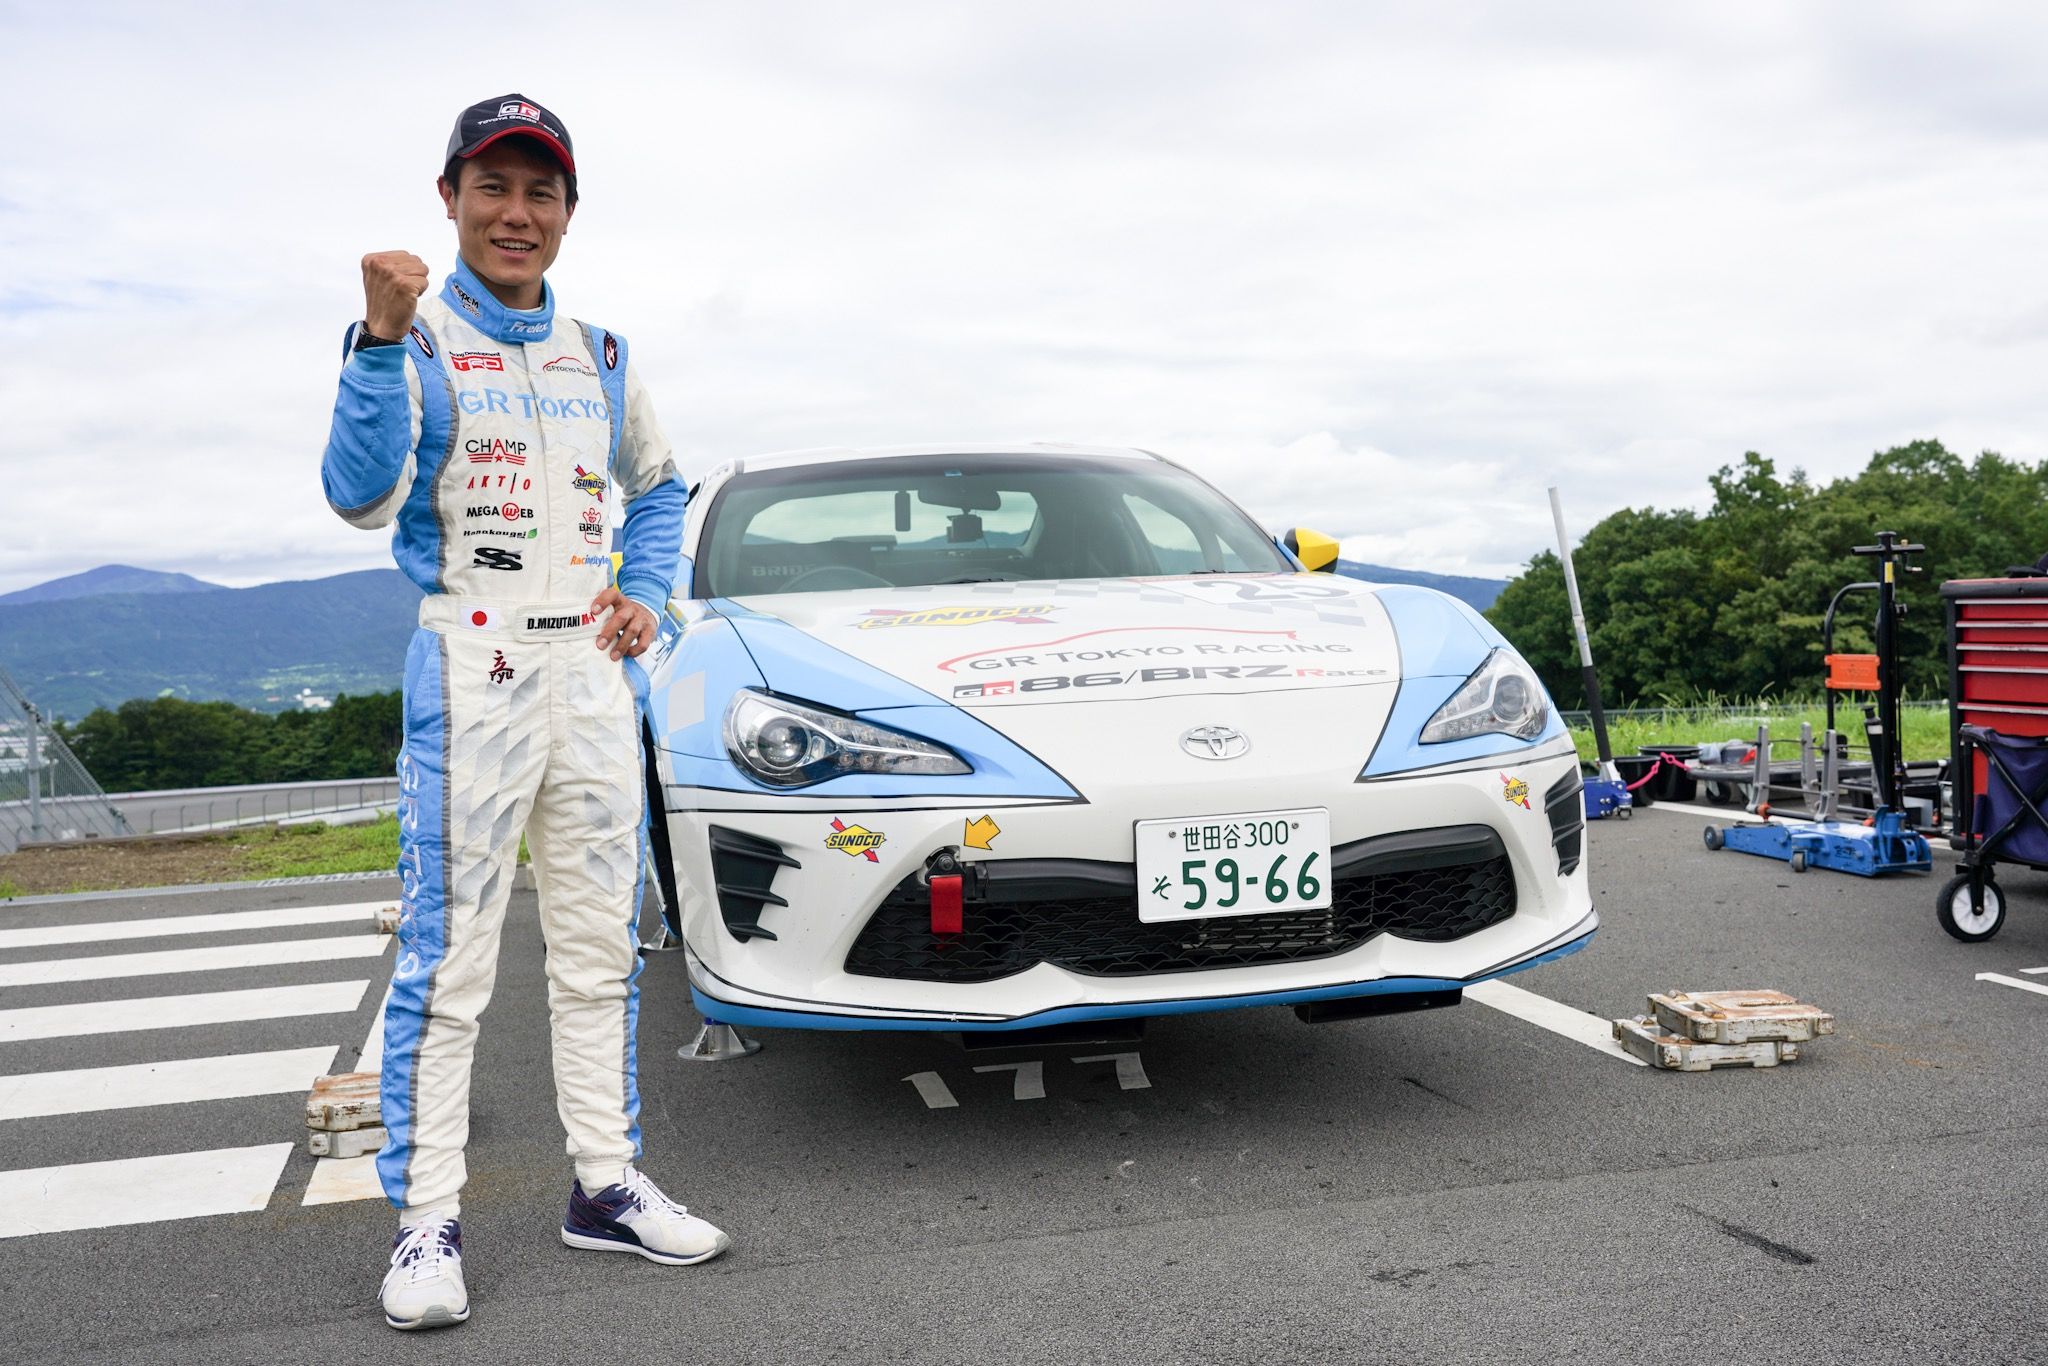 86/BRZレース 25番車 水谷大介選手